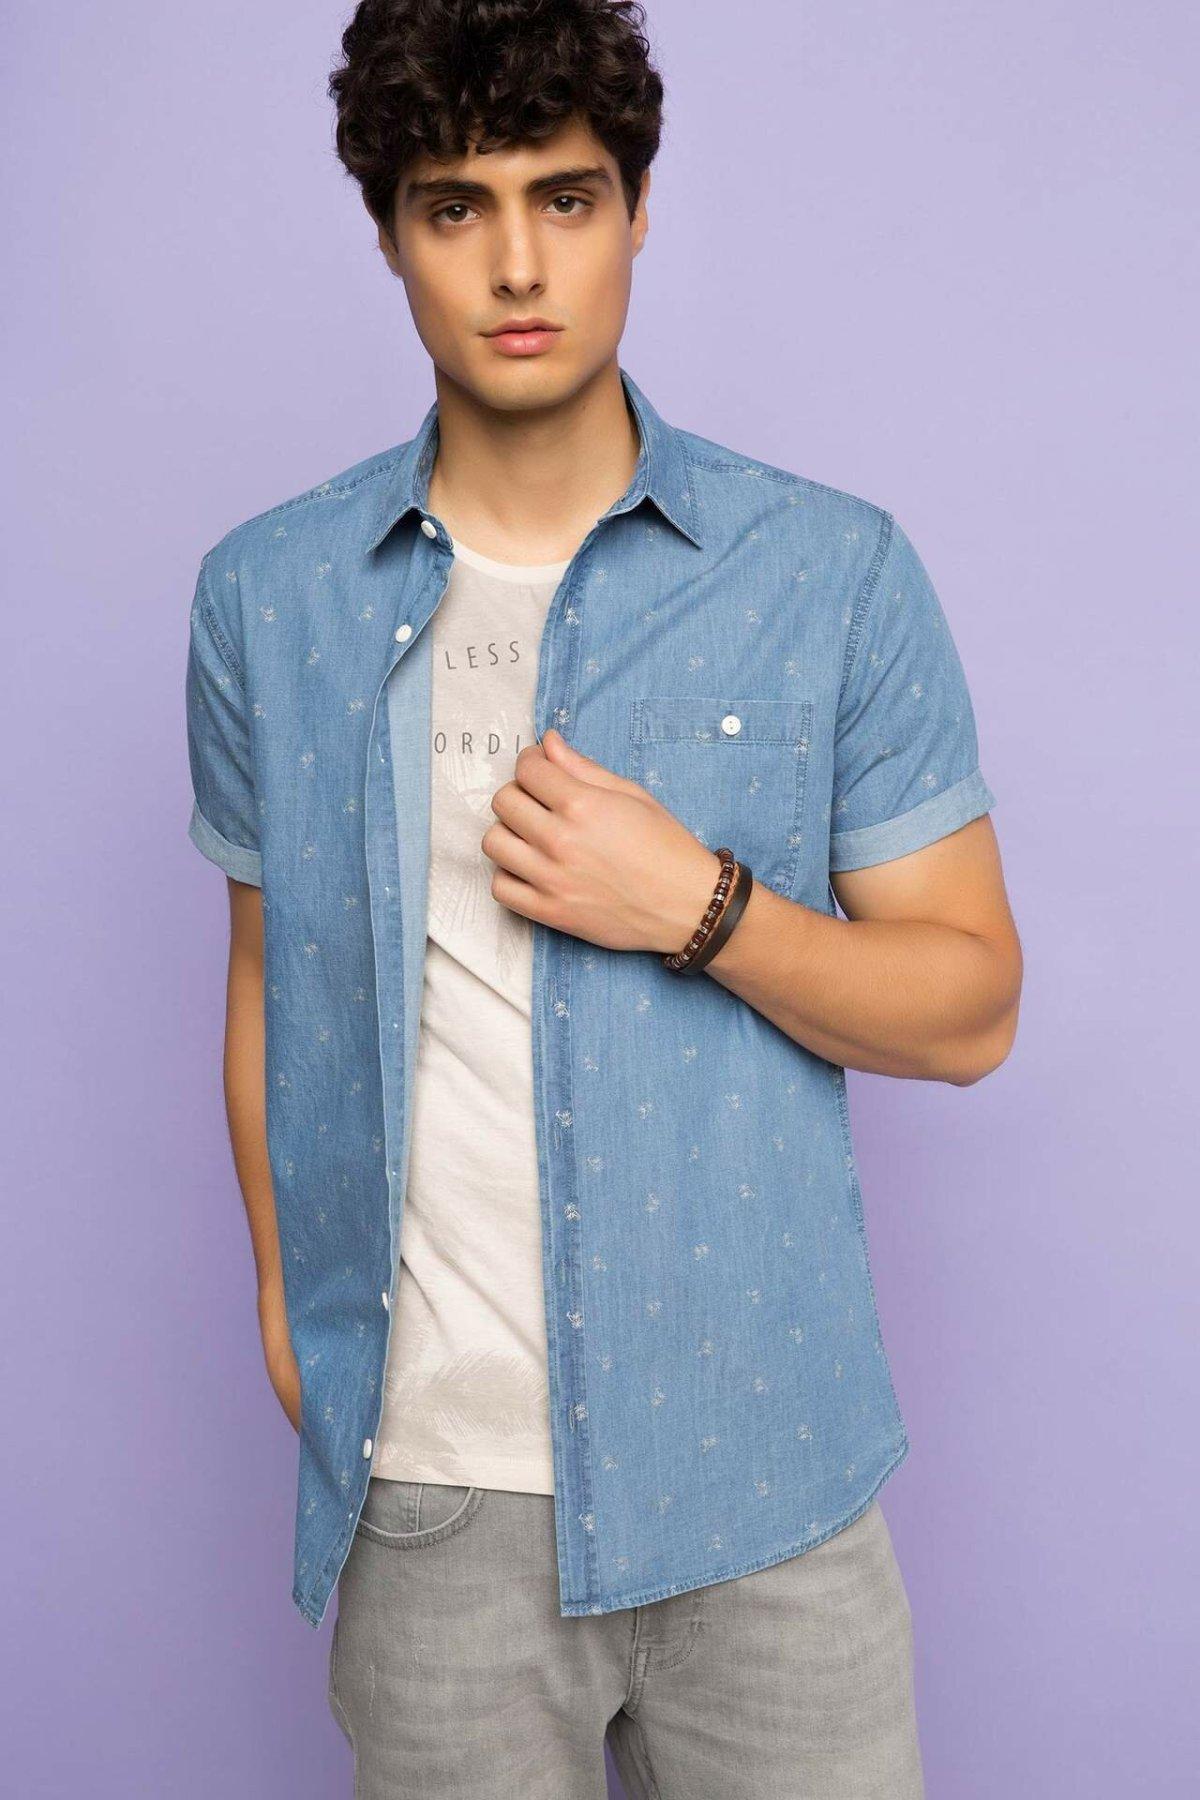 DeFacto Man Light Denim Blue Shirts Man Casual Short Sleeve Shirt Male Soft Top Shirts Men's Tops Shirt-H8814AZ17HS